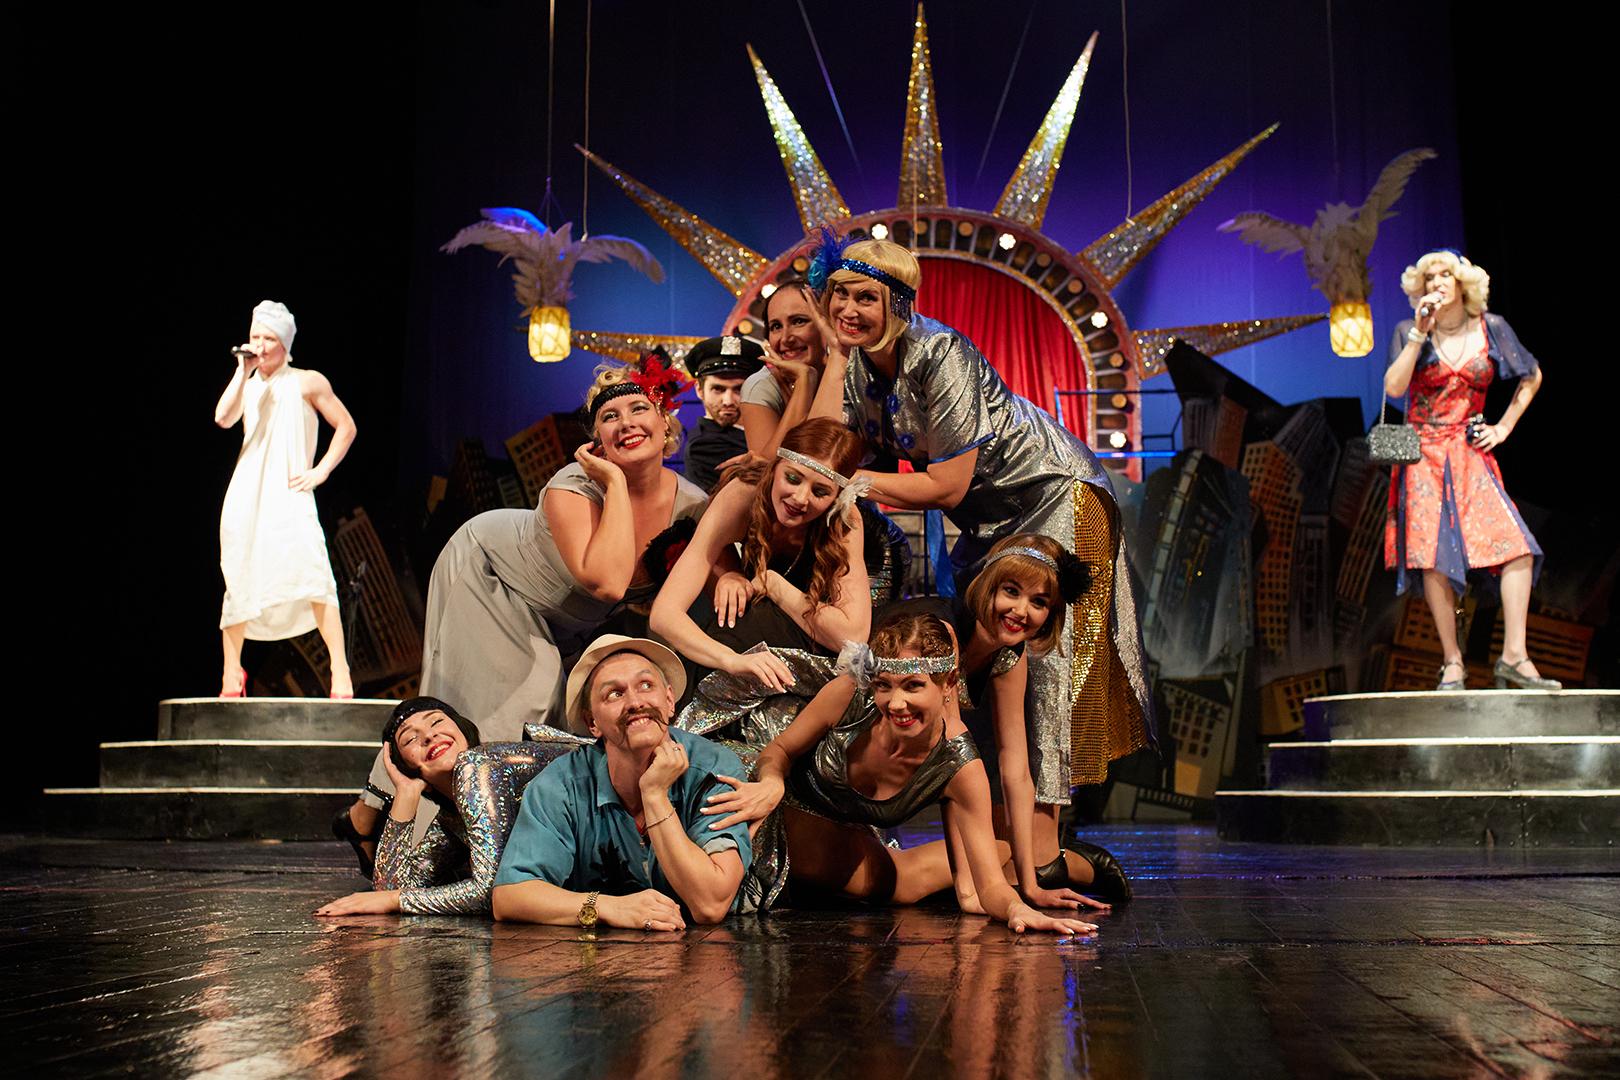 Луганский русский театр открыл сезон премьерой спектакля «Шоу должно продолжаться!»